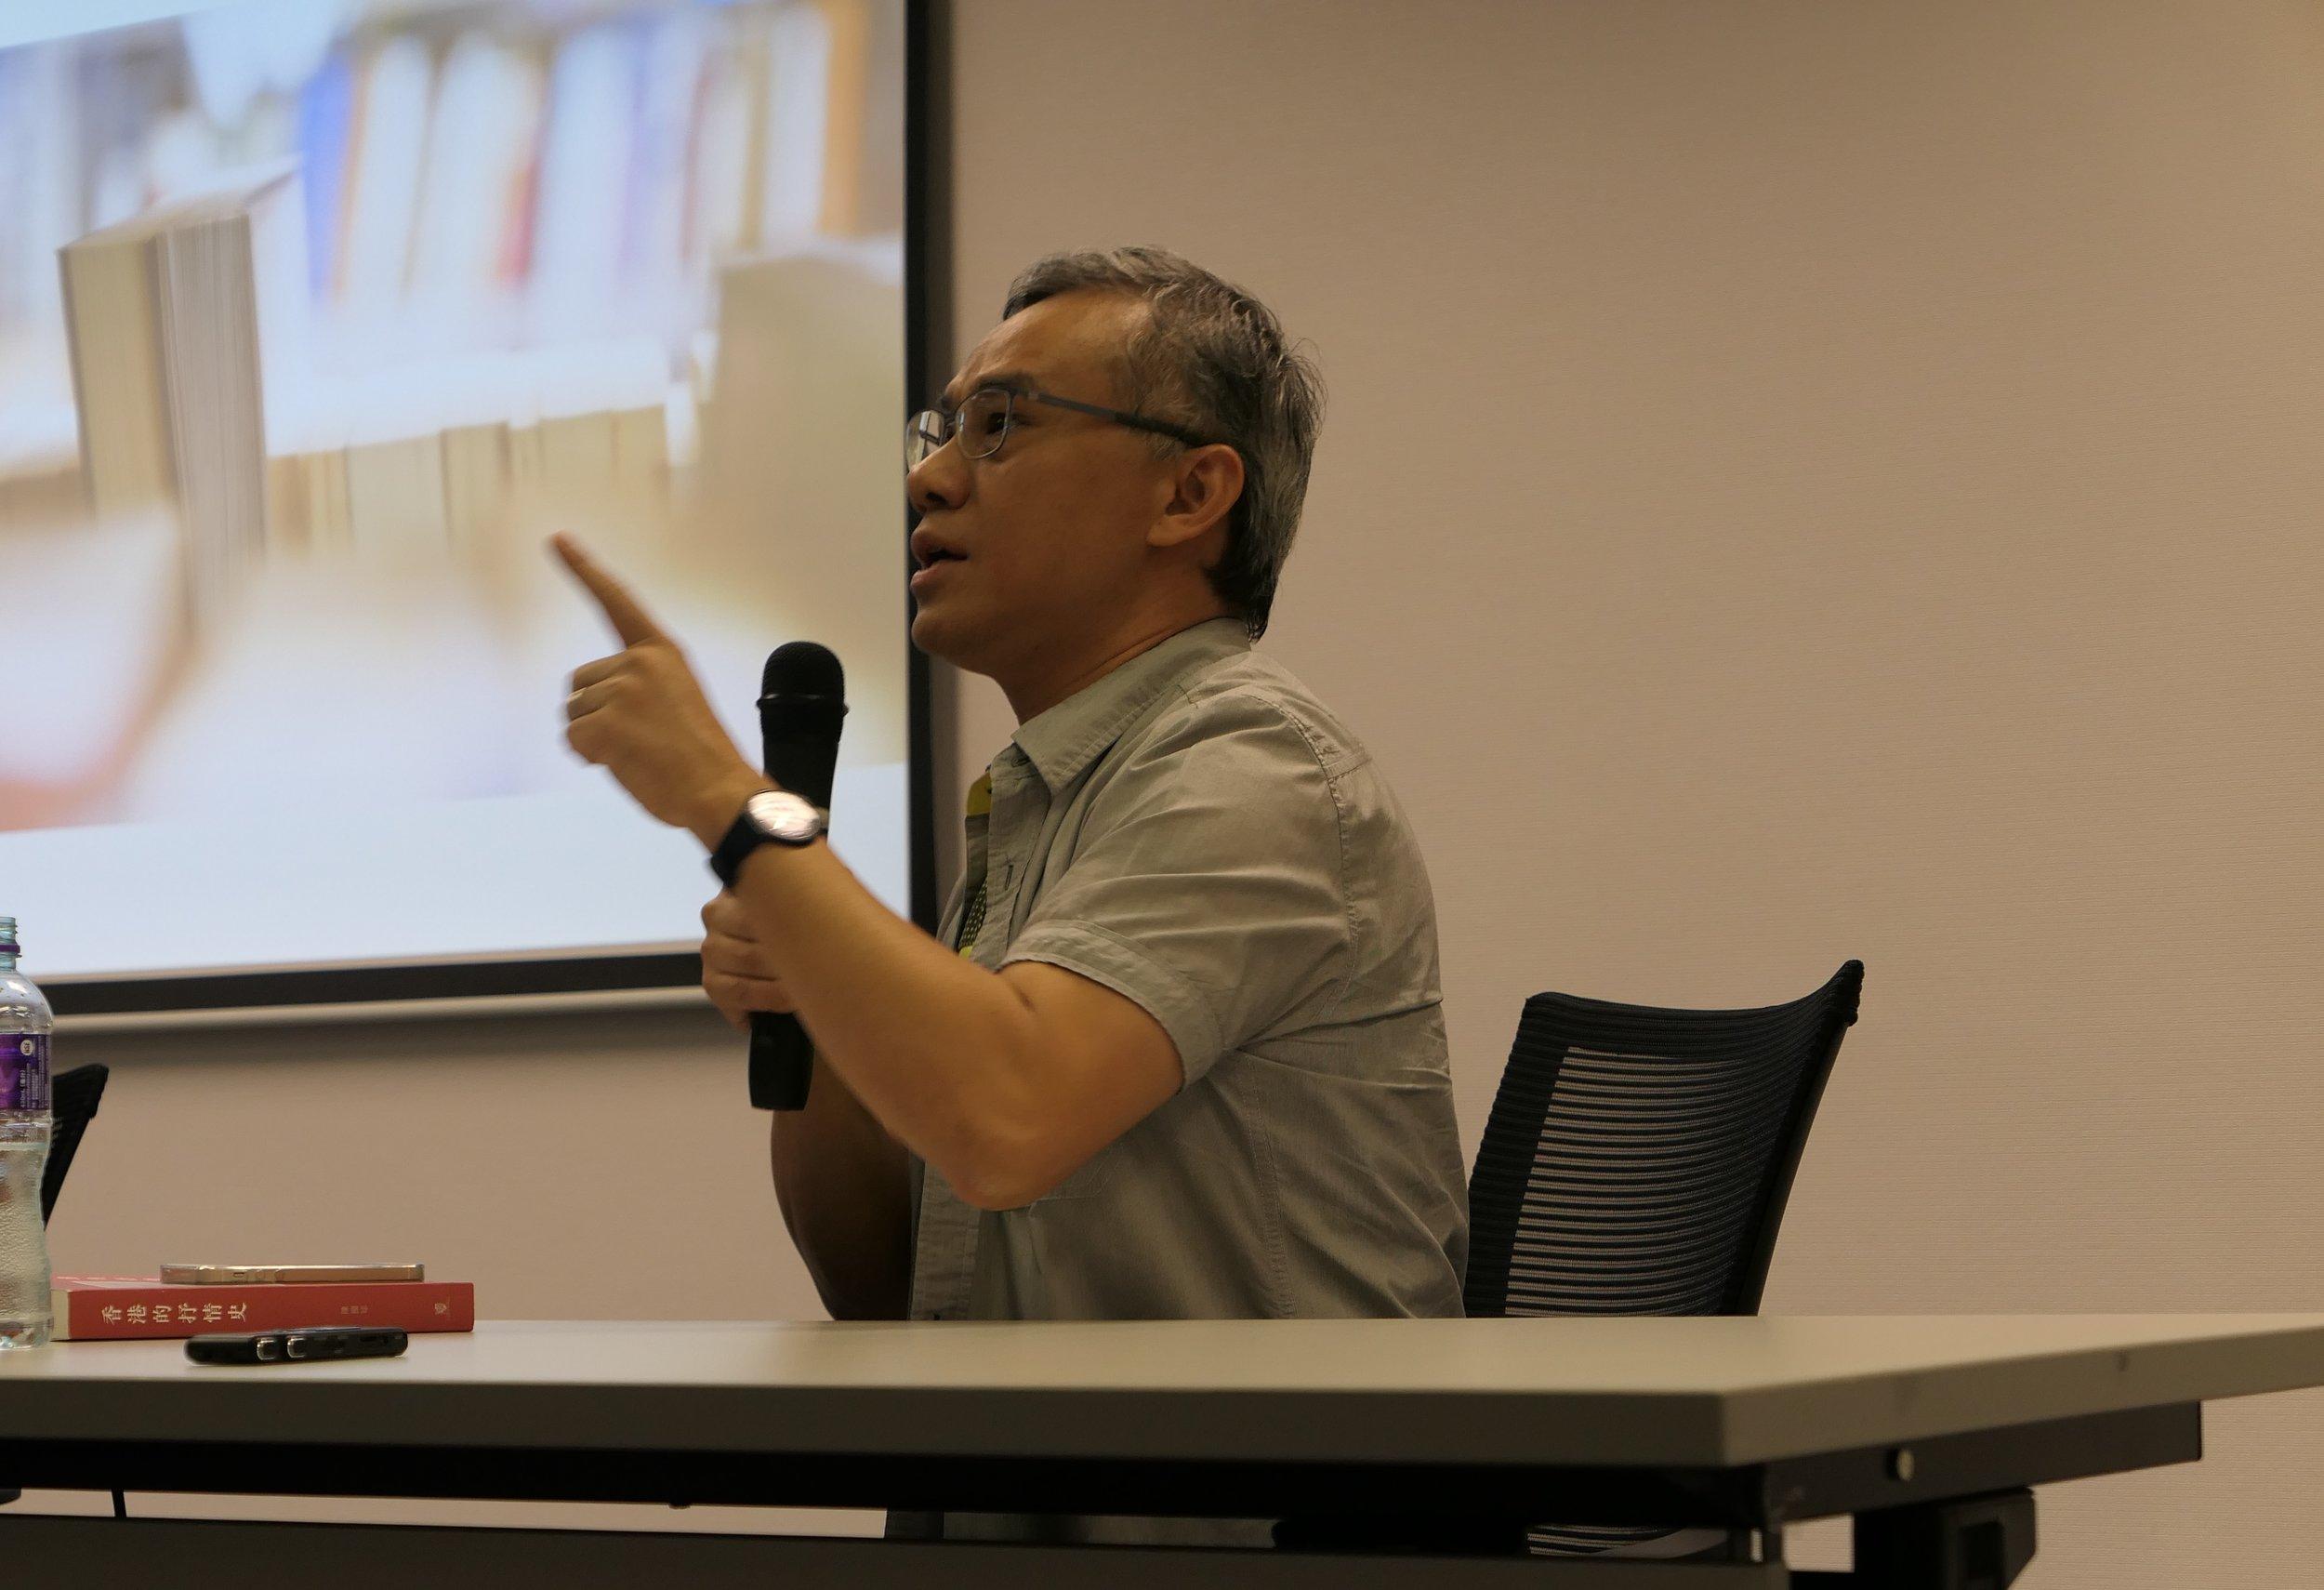 蔡元豐說香港文學作為評論,用論述呈現一個文學的香港。